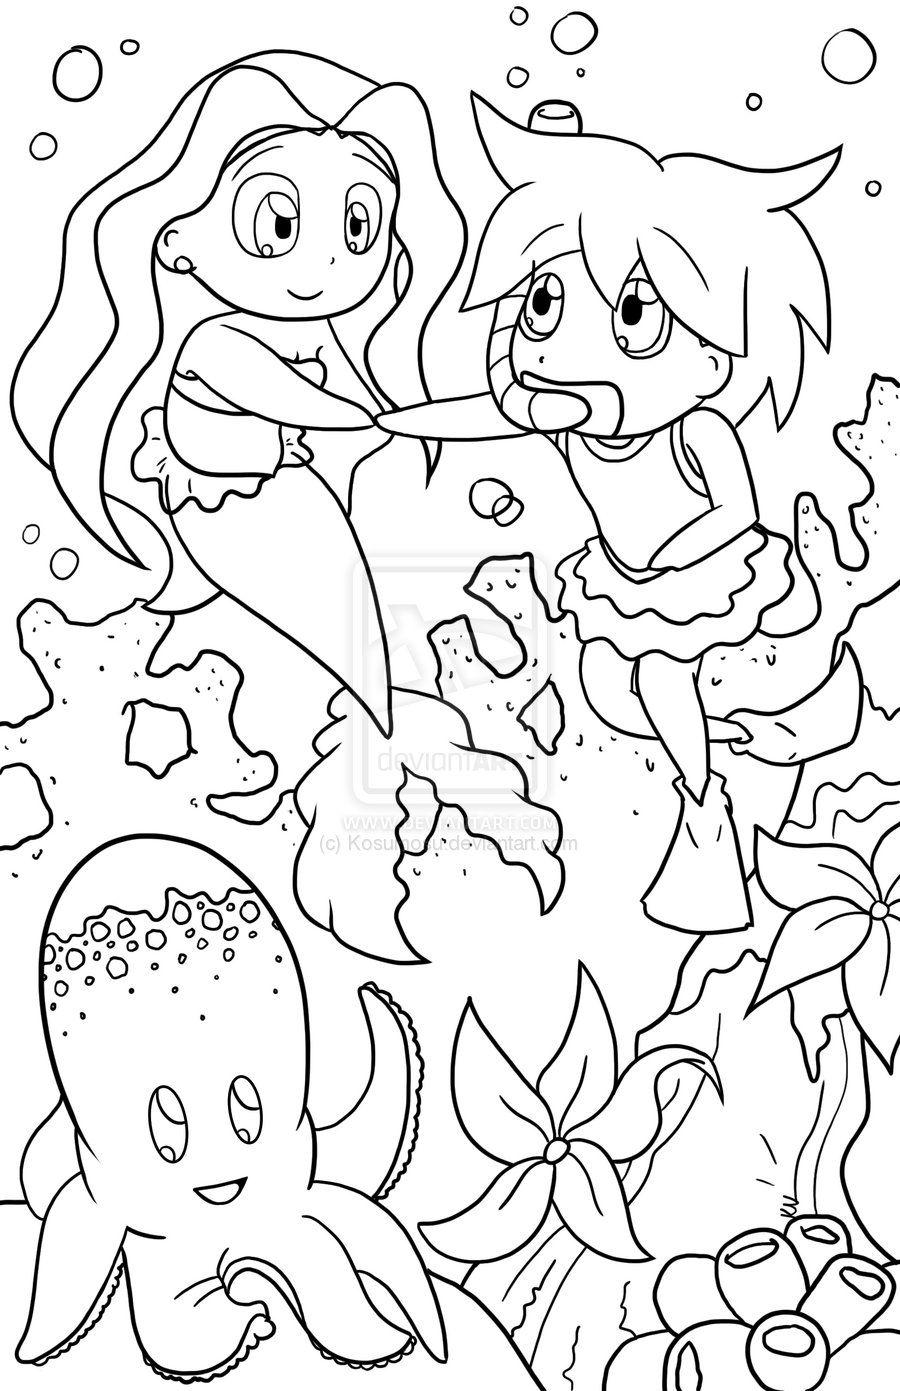 random+coloring+pages | Coloring Book Random Page by Kosumosu on ...